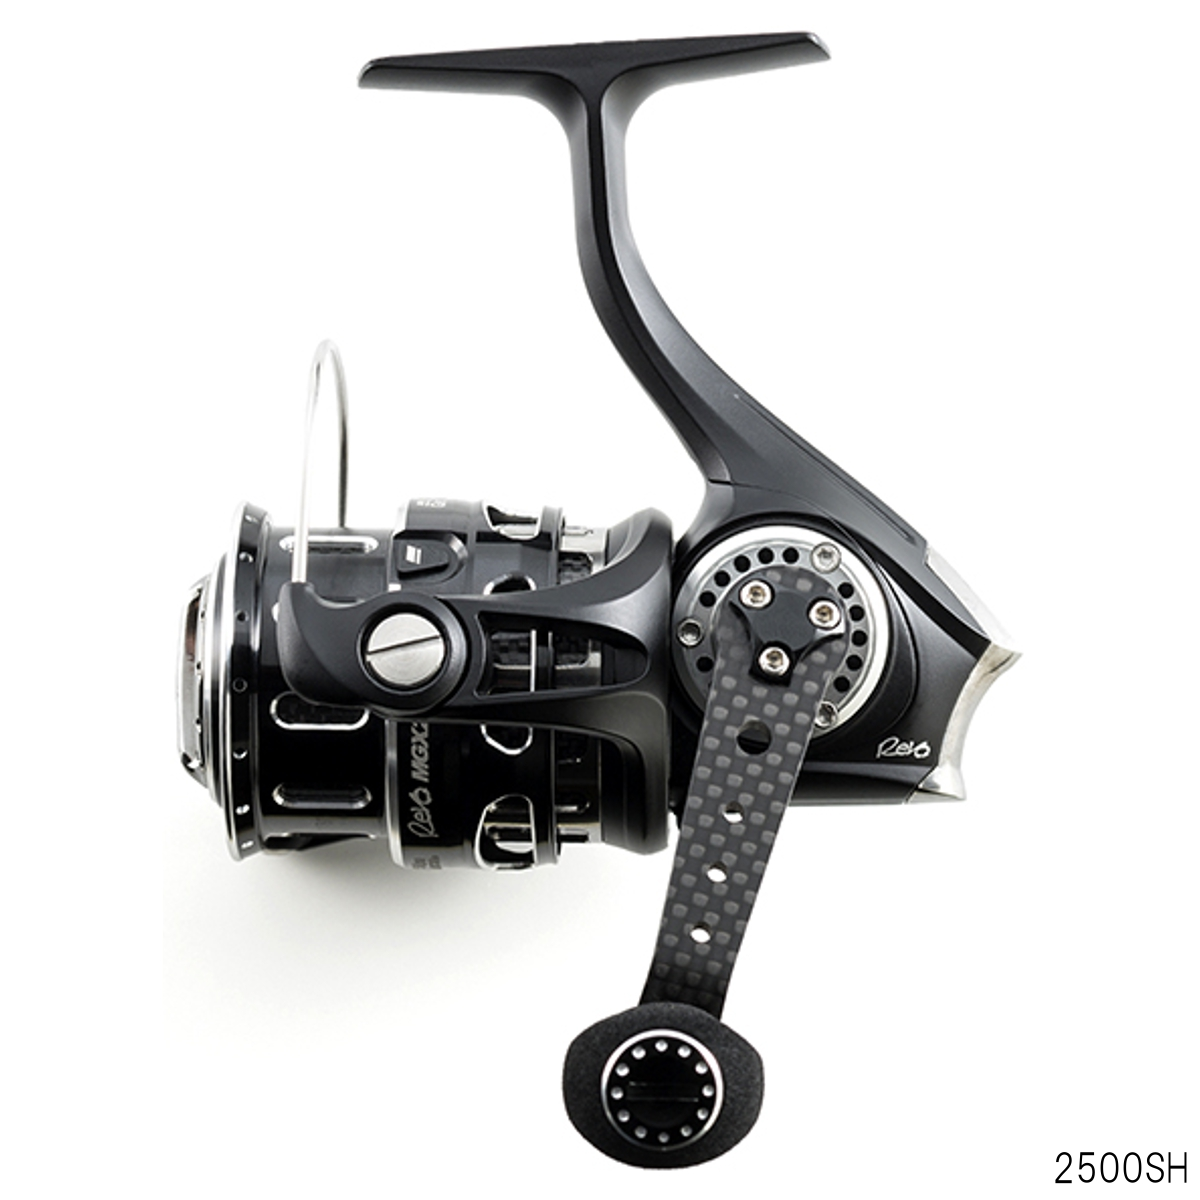 レボ MGX 2500SH